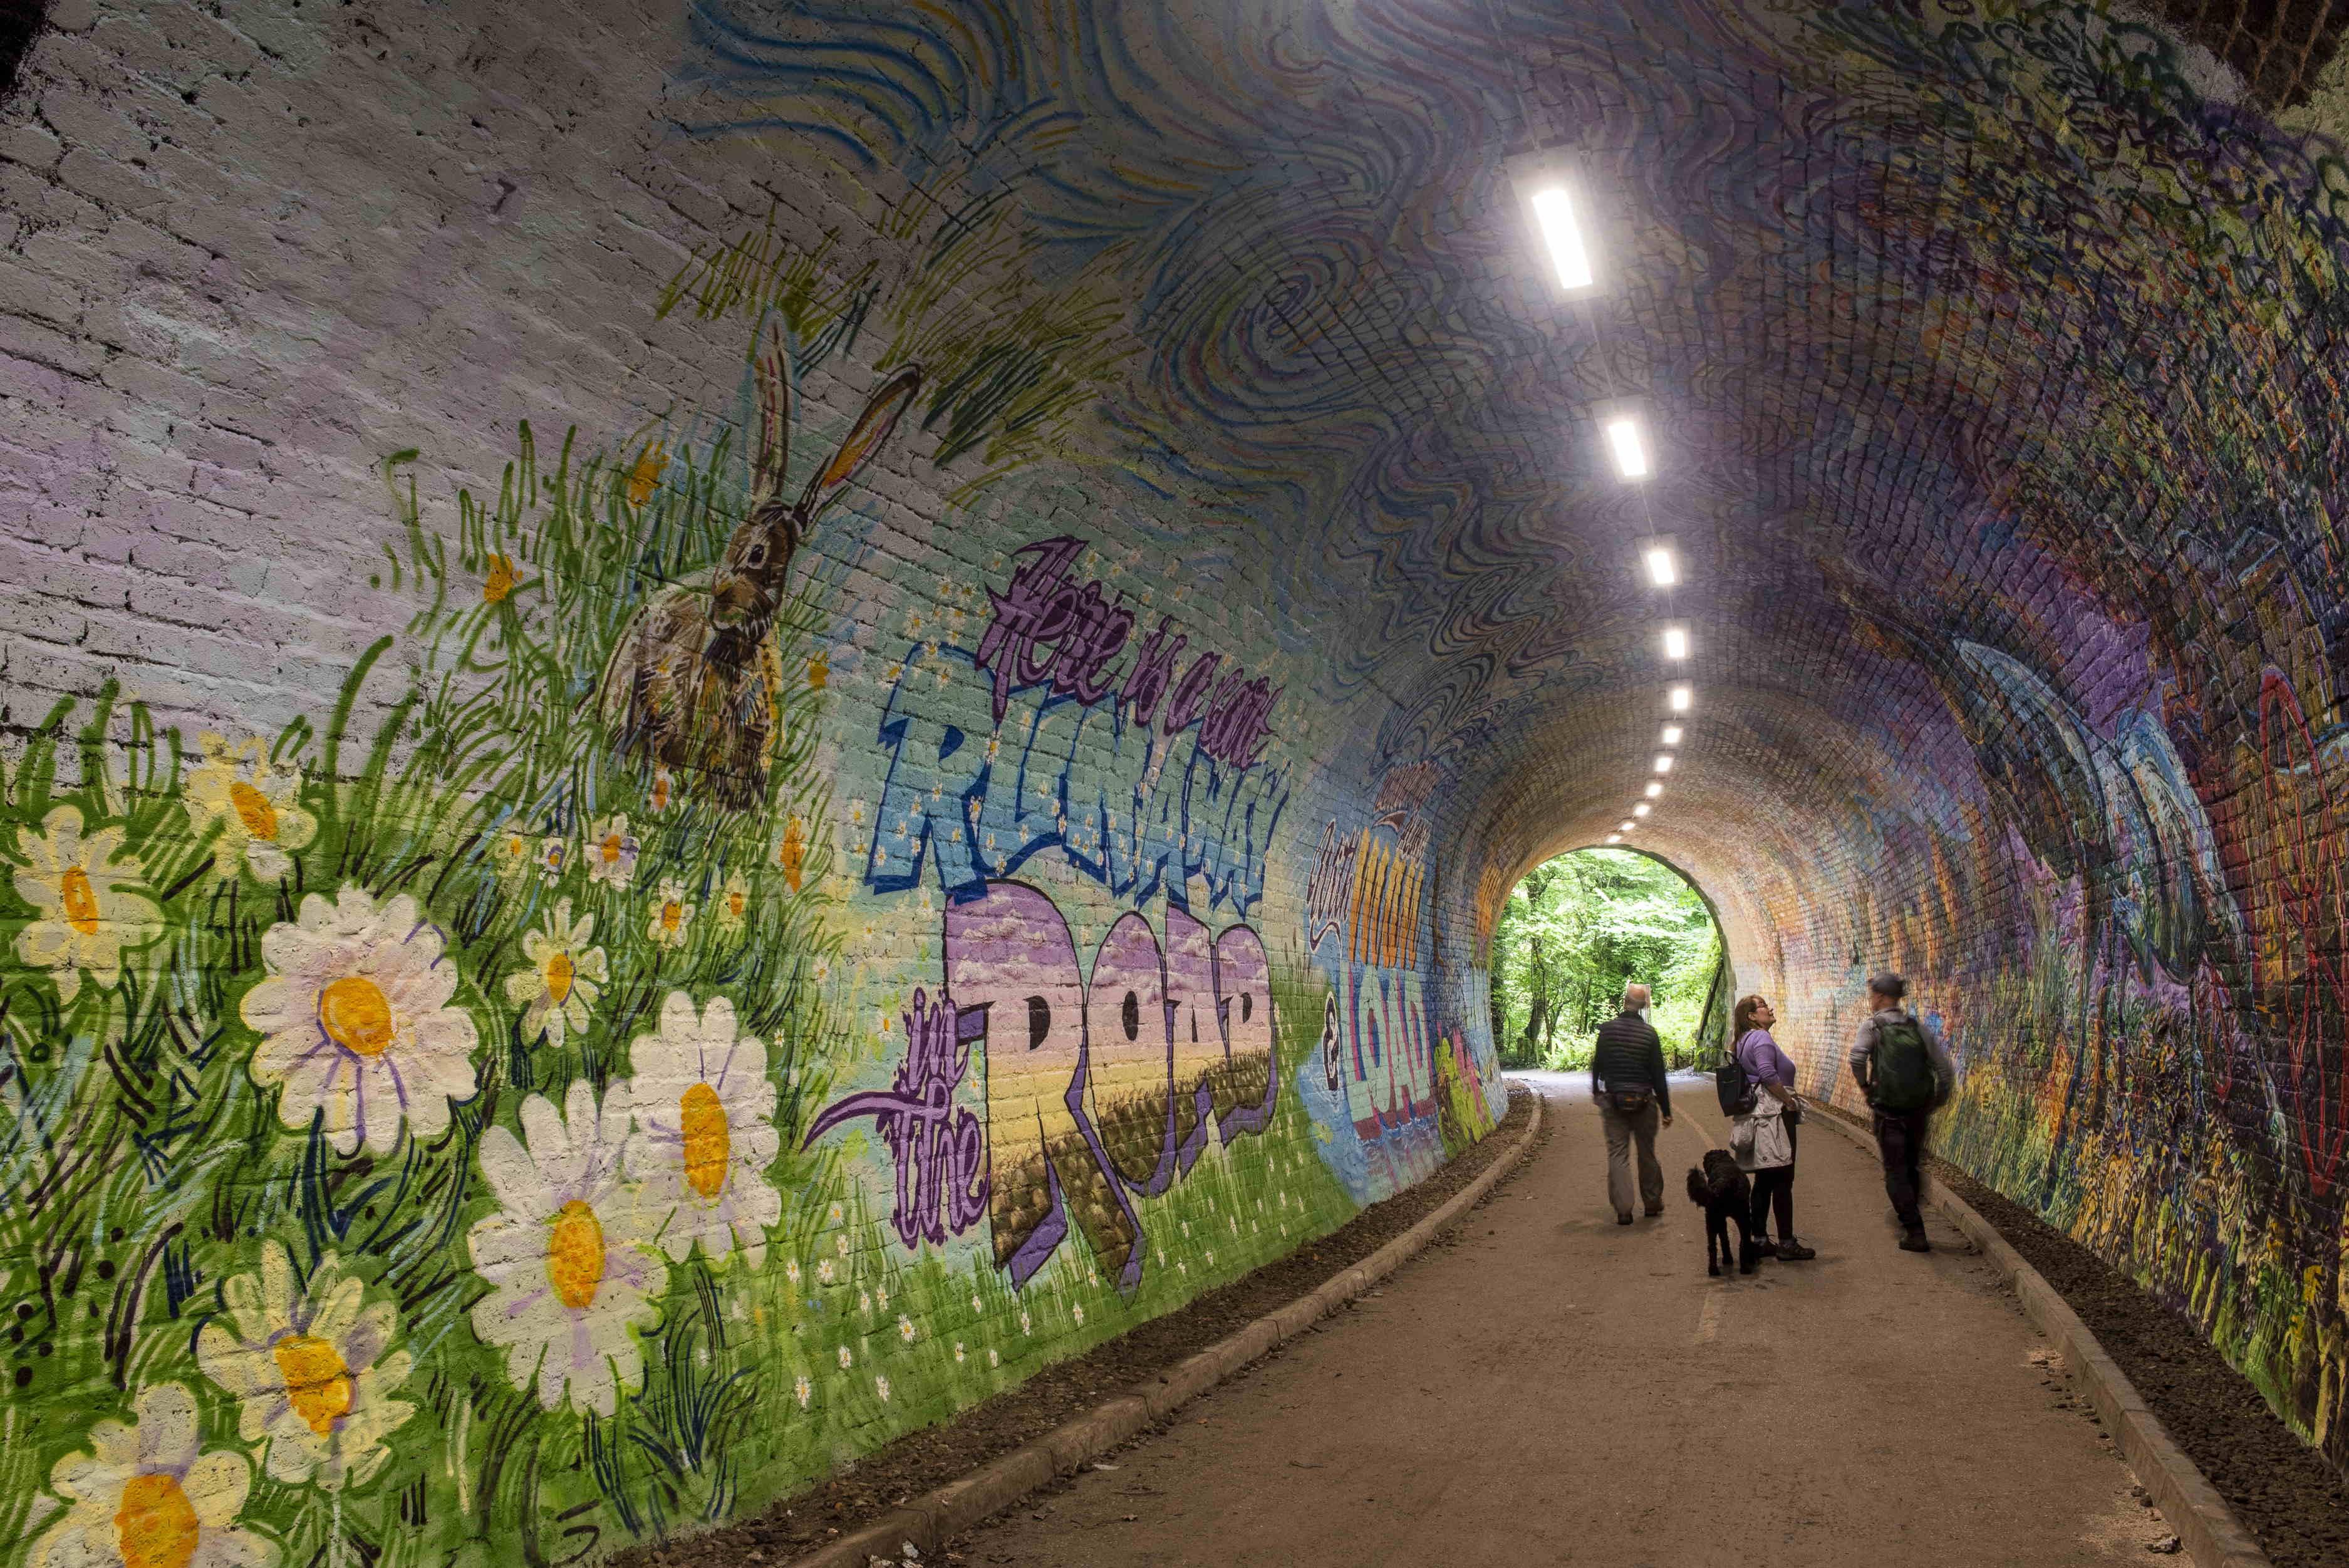 Colinton Tunnel - Titan (10)